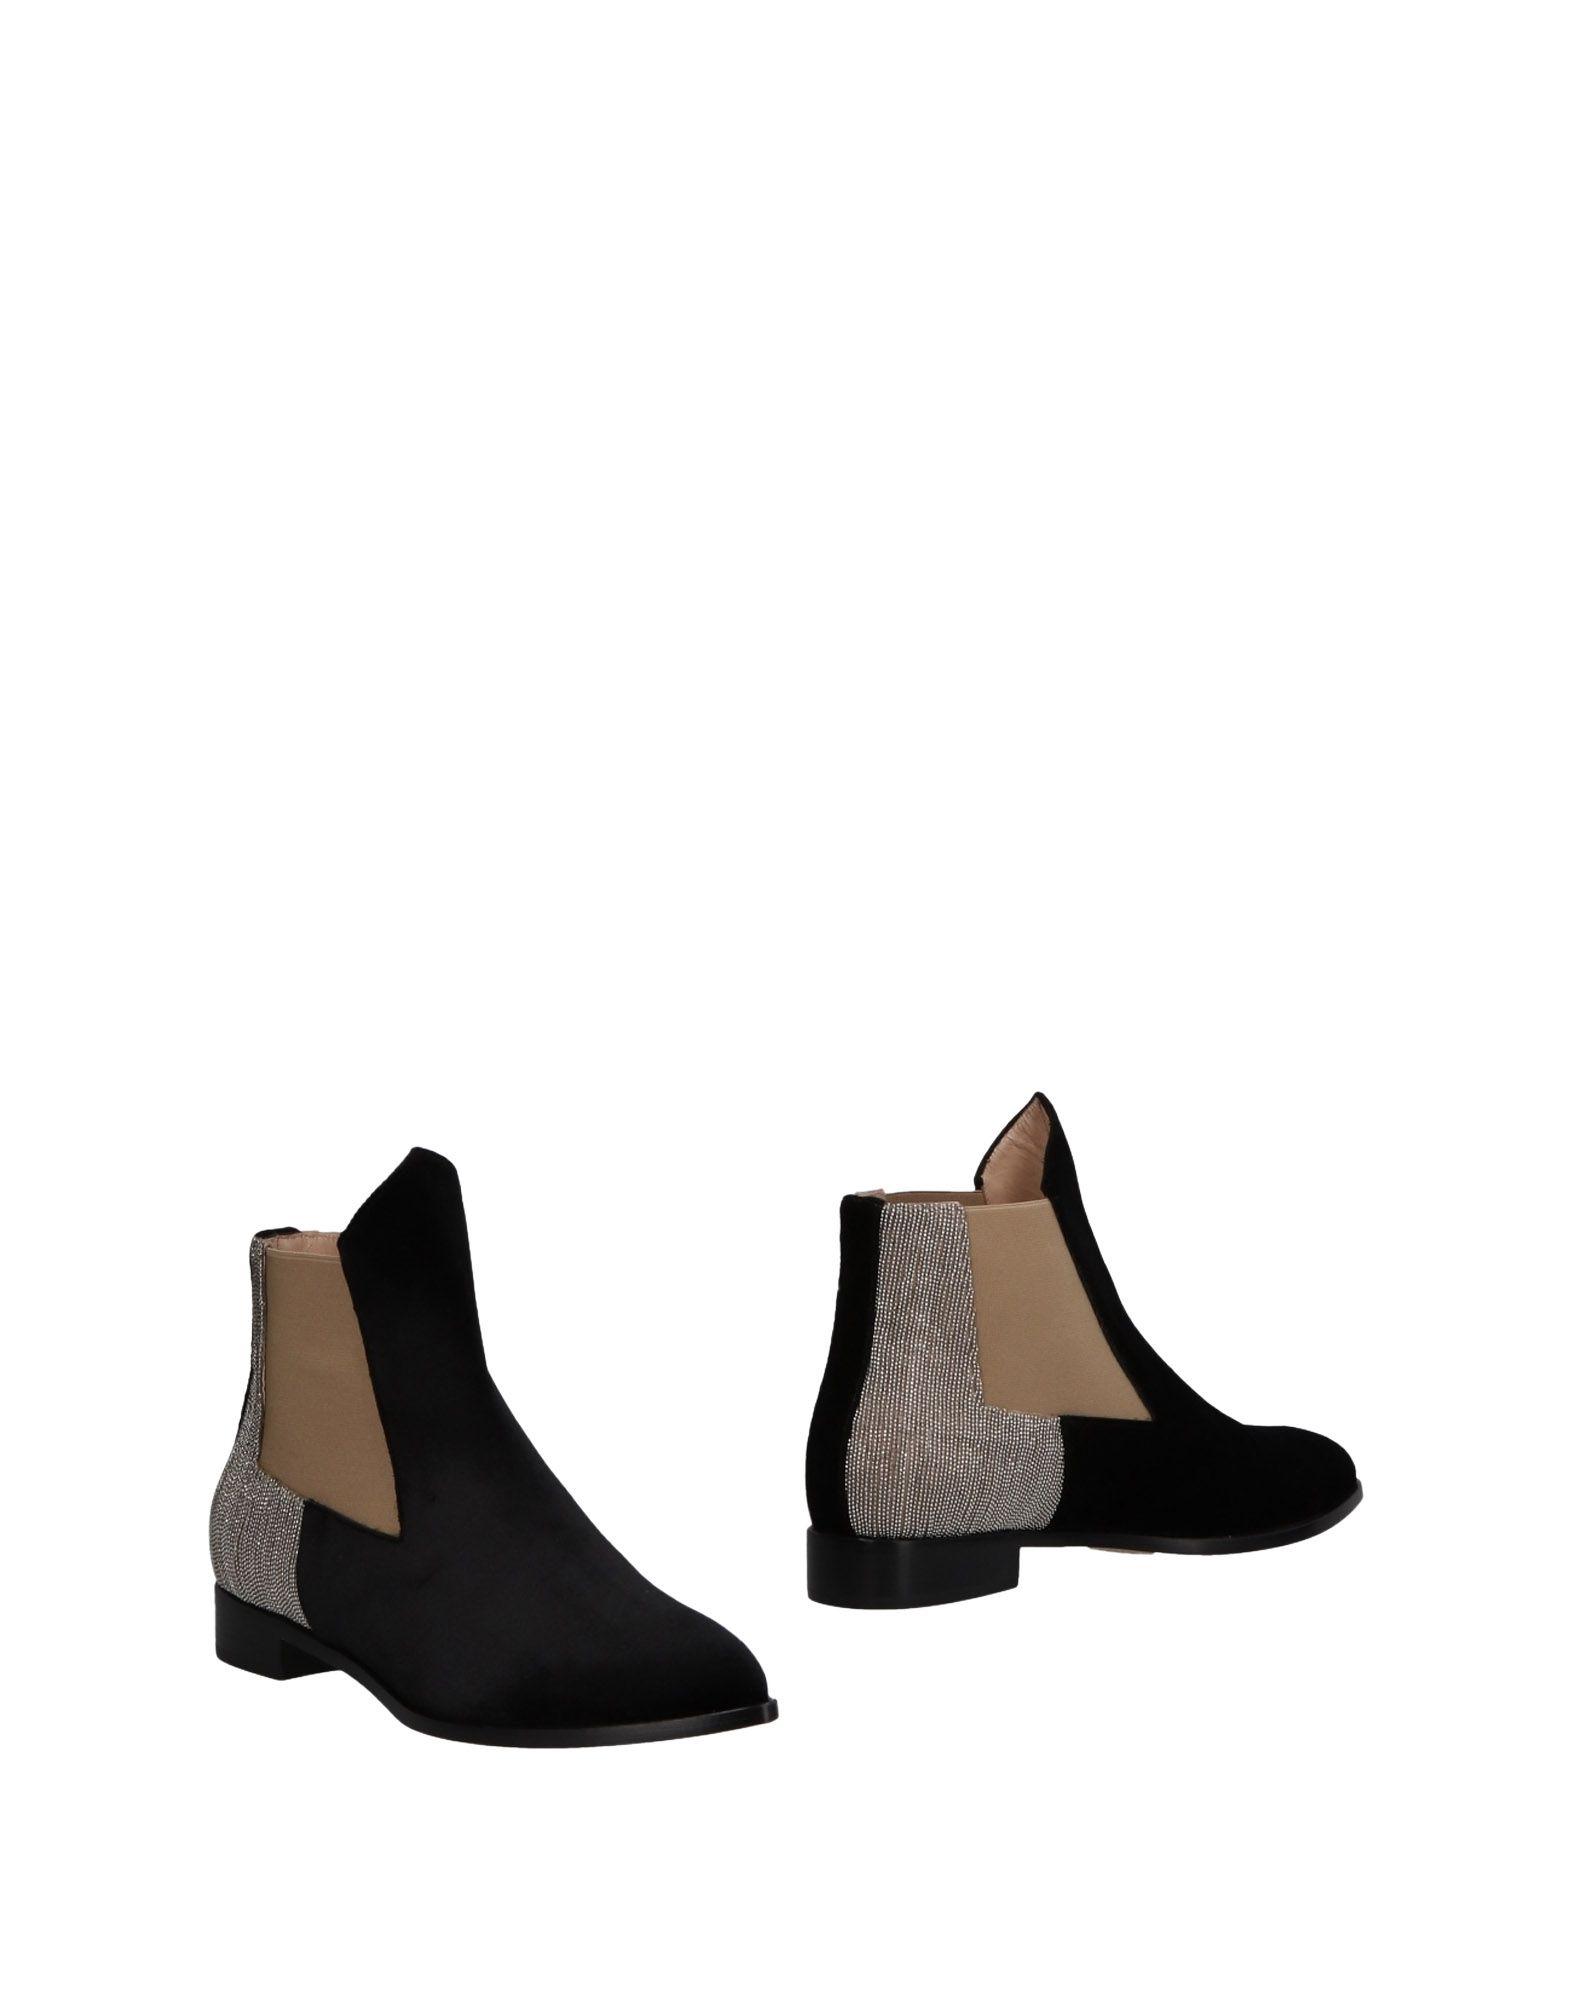 Lamperti Milano Stiefelette Damen  11496223MAGut aussehende strapazierfähige Schuhe